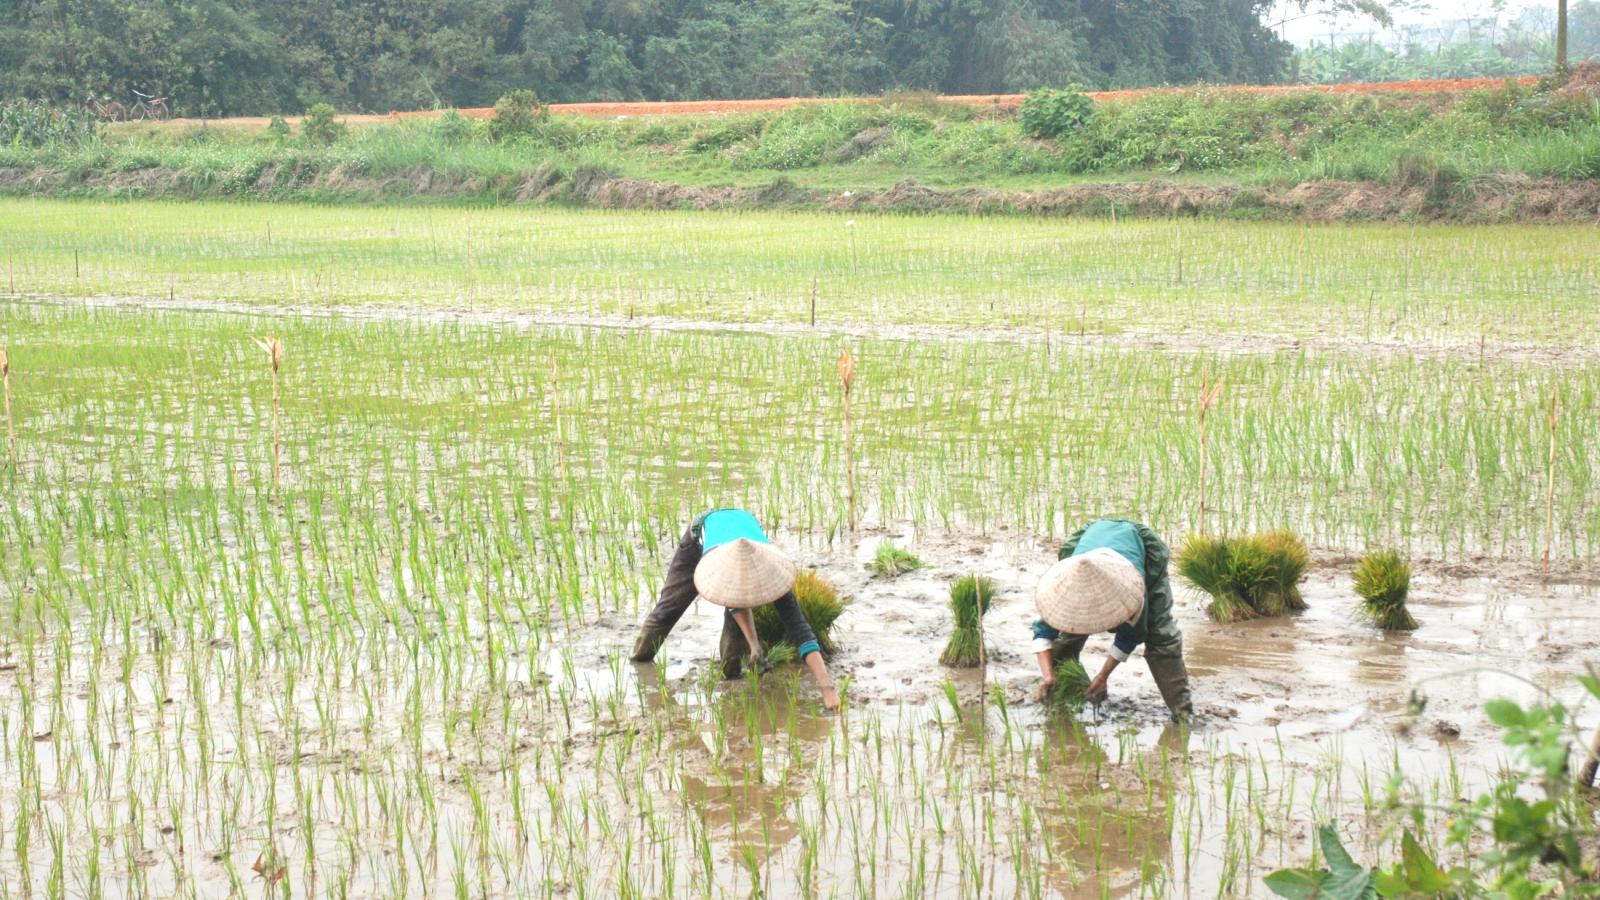 Nông dân xuống đồng: Sản xuất đi đôi với phòng, chống dịch